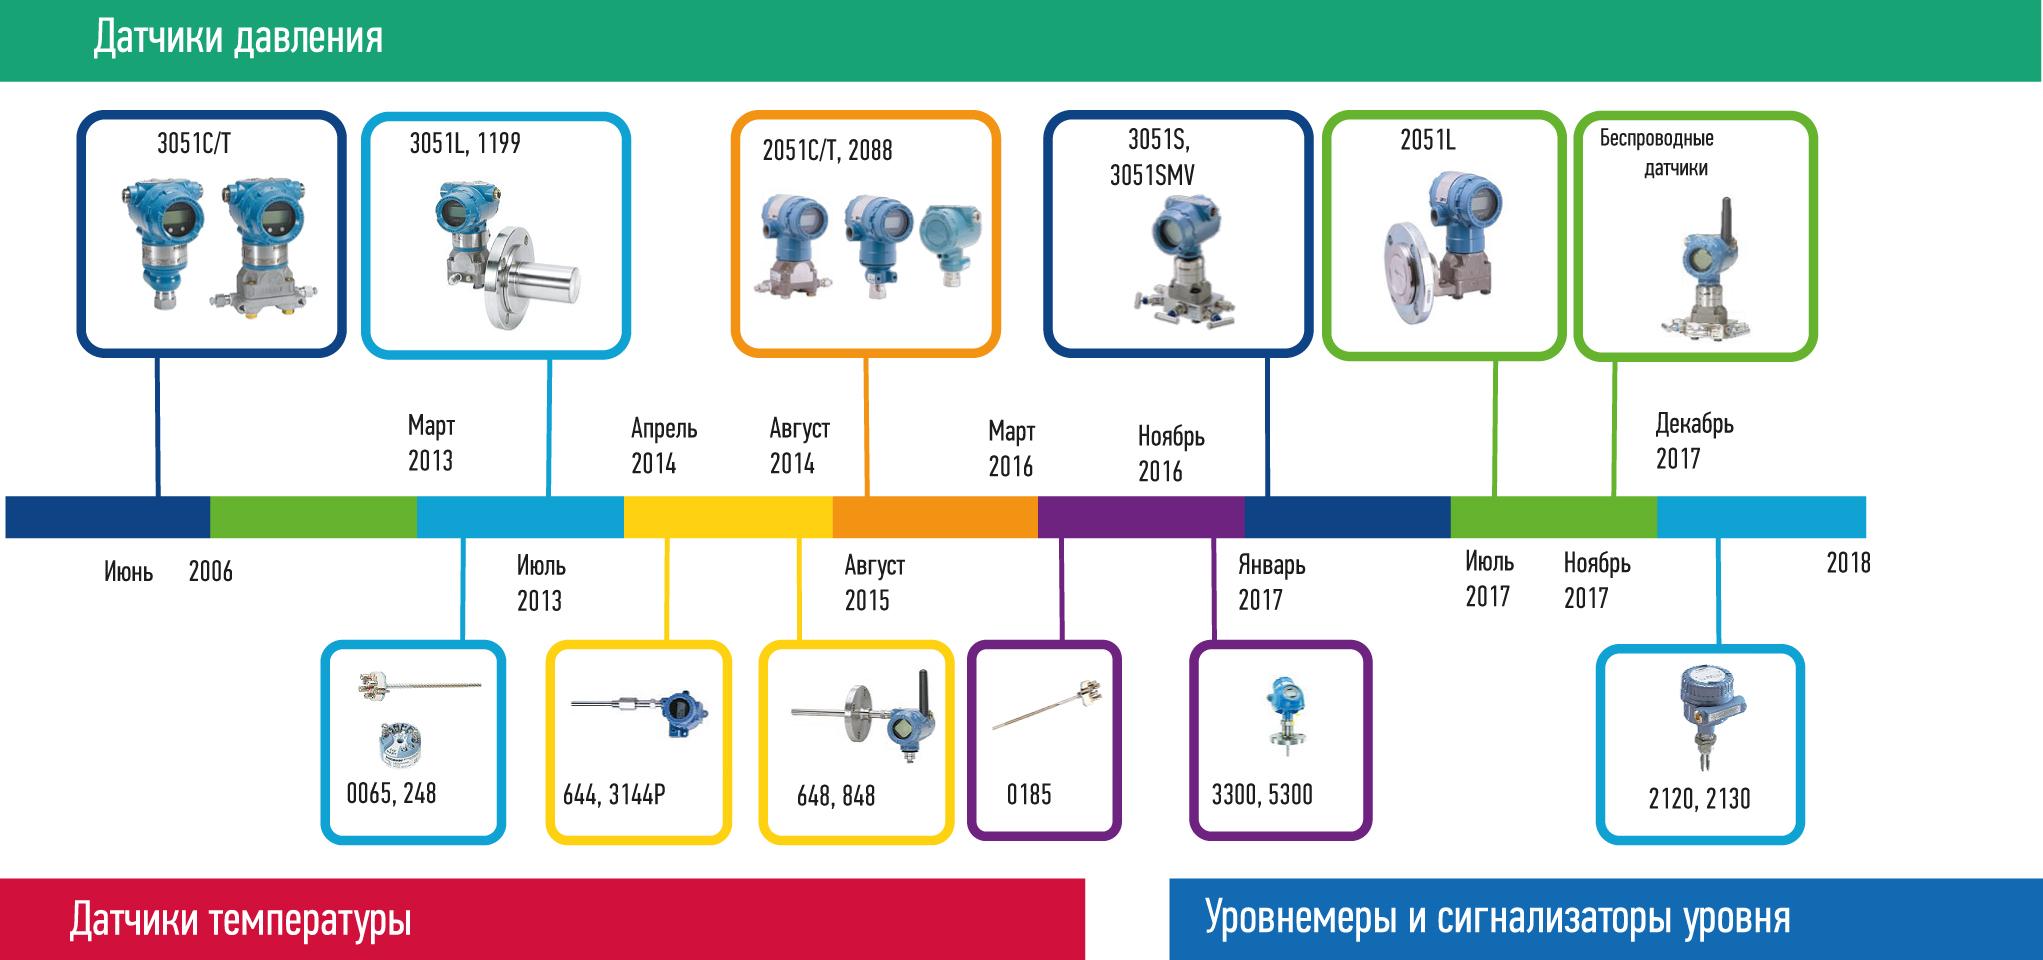 История локализации средств измерения в ПГ «Метран»